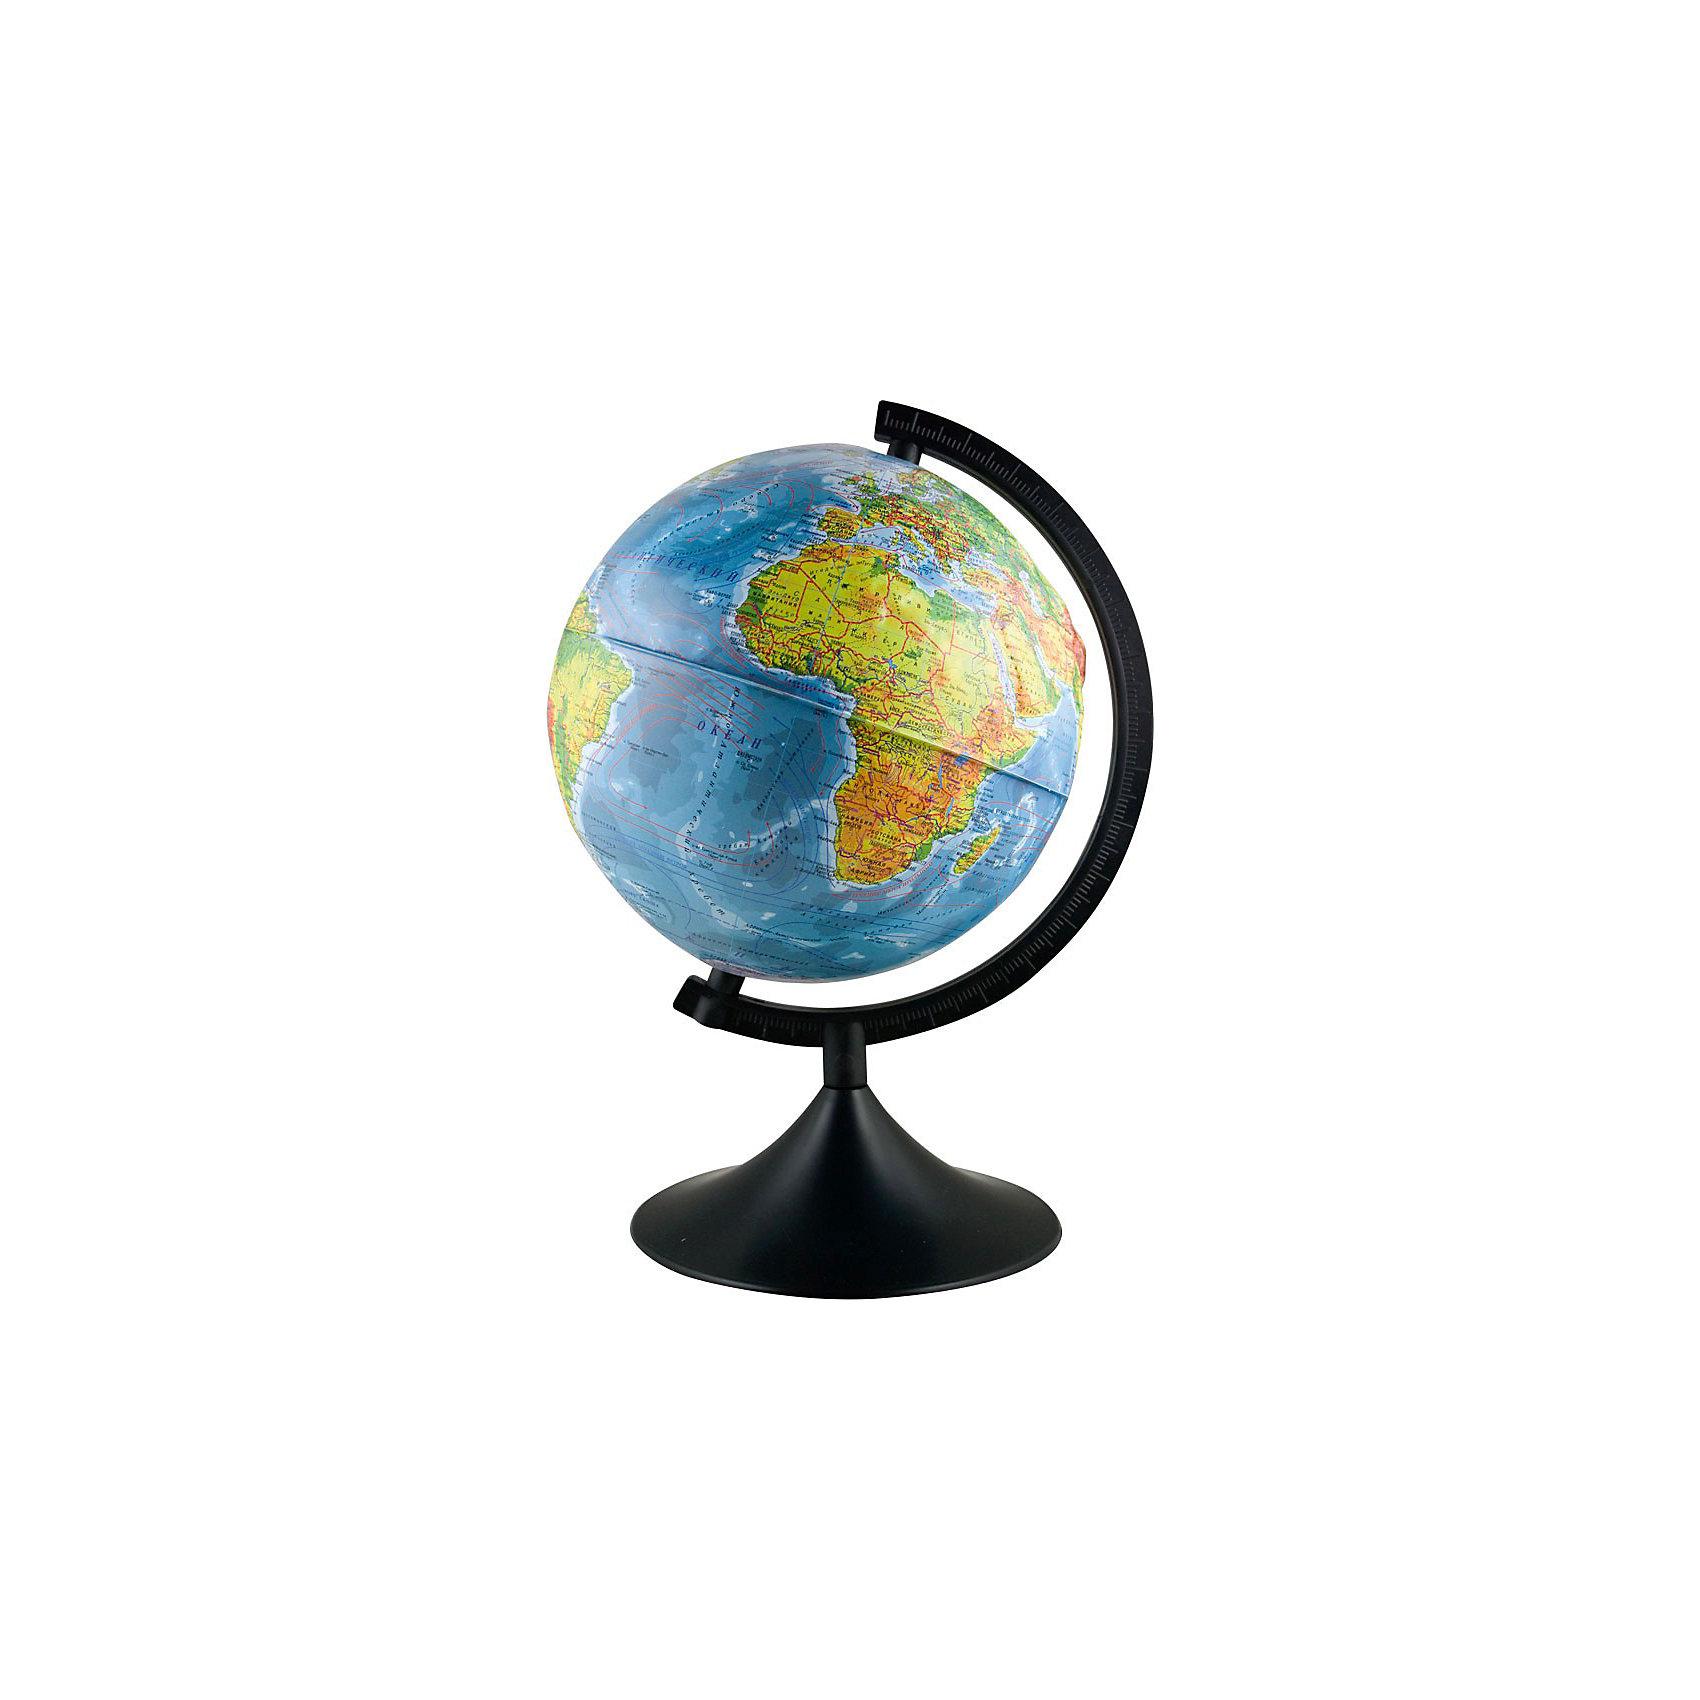 Глобус Земли Физический рельефный, TUKZARГлобус Земли Физический рельефный, TUKZAR (ТУКЗАР) станет незаменимым атрибутом обучения ребенка.<br>Существует много способов, как придать учебе игровой настрой, заинтересовать и в то же время дать ребенку необходимые знания. Давнее изобретение, никогда не теряющее свою актуальность и значение - это модель нашей Земли. С глобусами смогут работать даже самые маленькие, они дают полет фантазии и интеллектуально развивают ребенка. Настольный глобус на удобной подставке вращается вокруг собственной оси.<br><br>Дополнительная информация:<br><br>- Диаметр: 210 мм<br>- Масштаб: 1:60000000<br>- Покрытие: пластик<br>- Язык: русский<br><br>Глобус Земли Физический рельефный, TUKZAR (ТУКЗАР) можно купить в нашем интернет-магазине.<br><br>Ширина мм: 210<br>Глубина мм: 210<br>Высота мм: 210<br>Вес г: 500<br>Возраст от месяцев: 36<br>Возраст до месяцев: 144<br>Пол: Унисекс<br>Возраст: Детский<br>SKU: 3743889